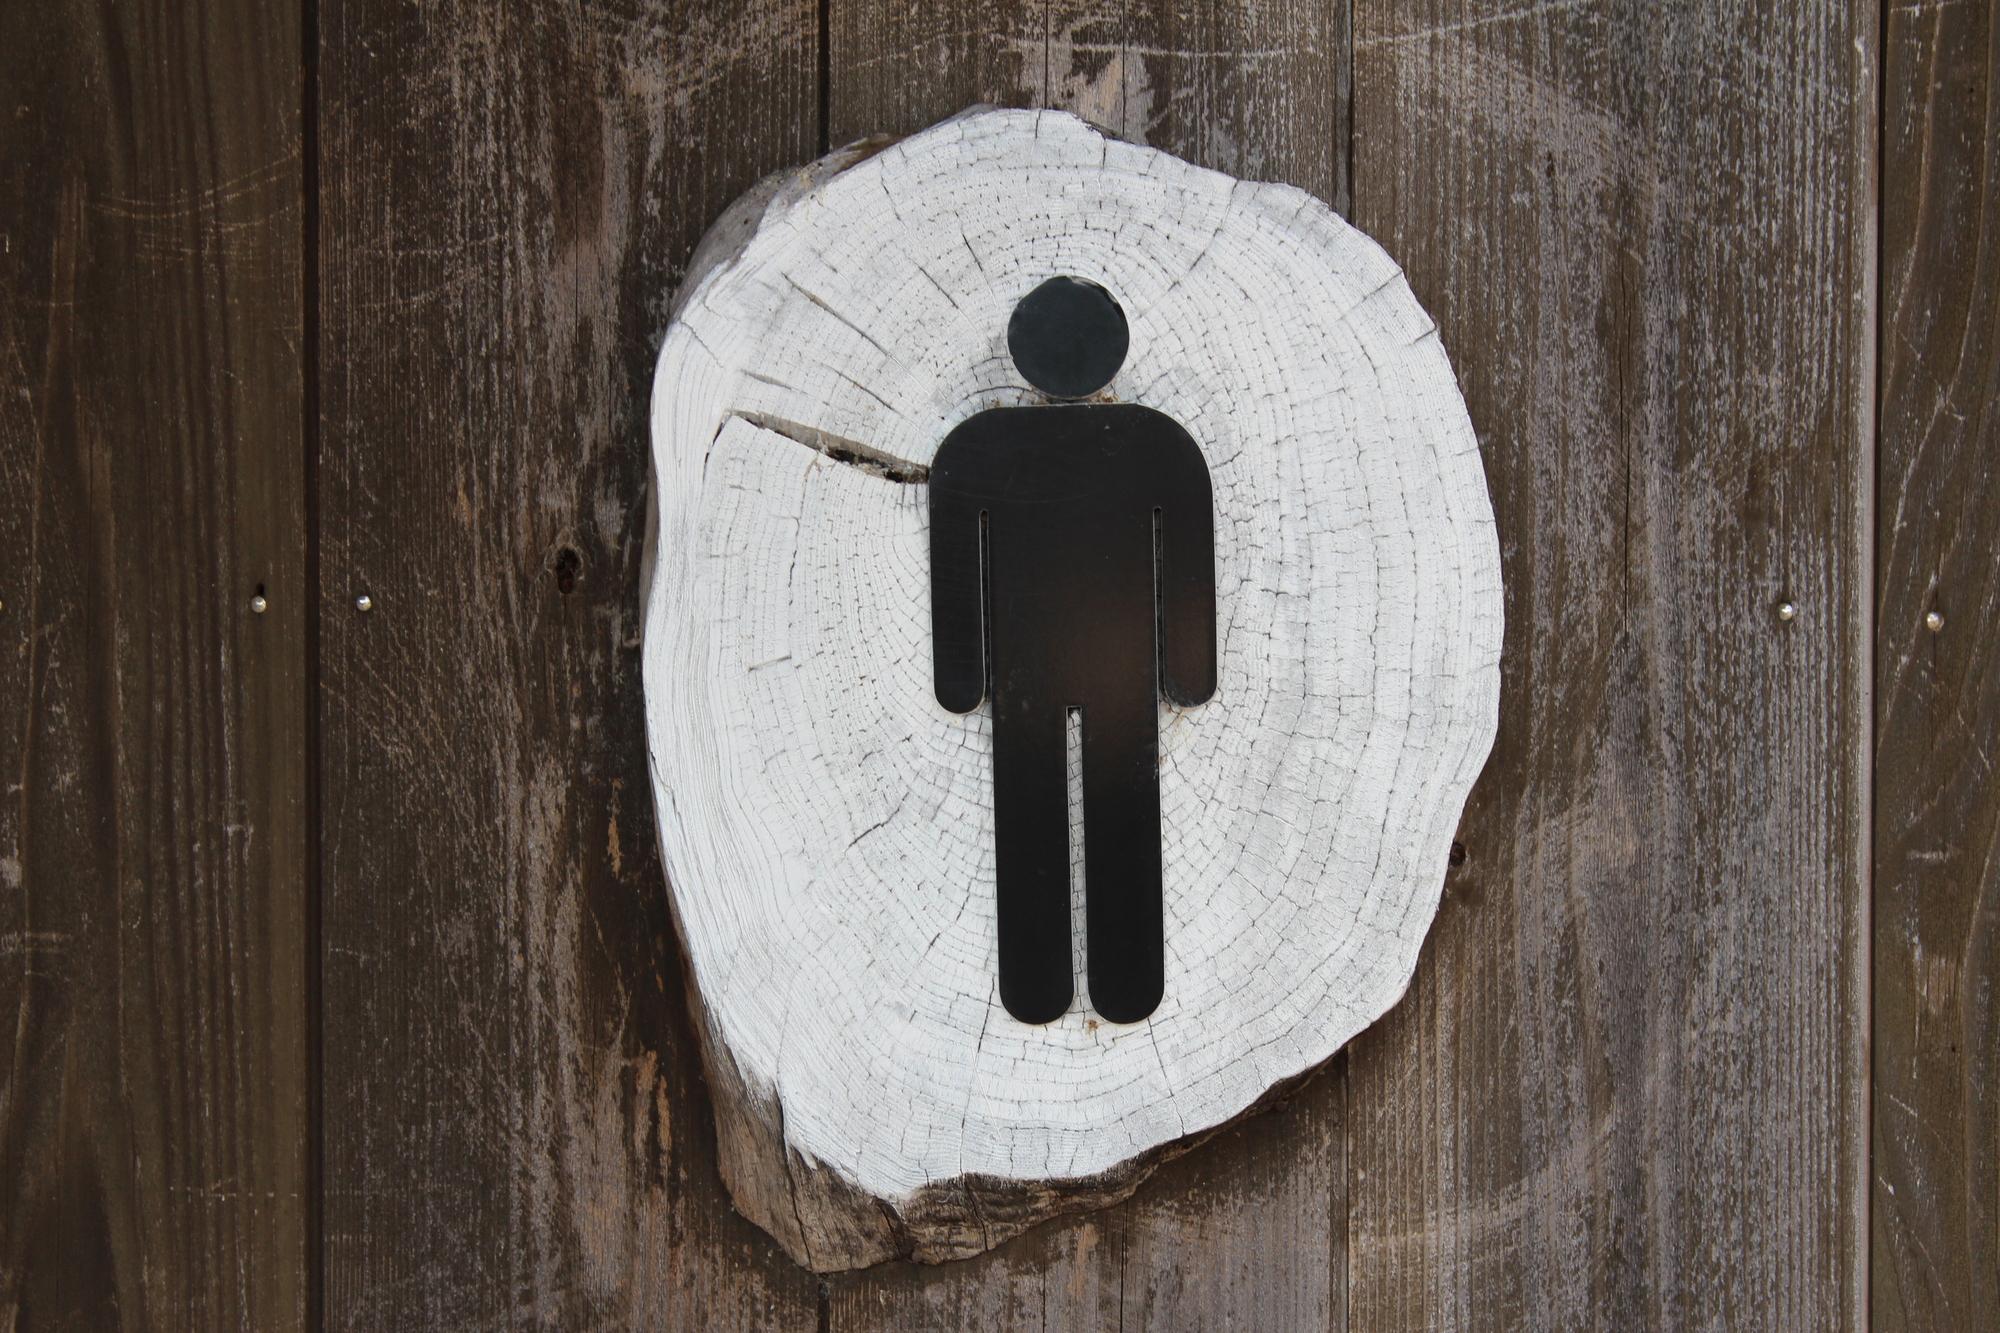 世界を旅して「いちばん嫌だったトイレ」は、店員が近くで…大倉眞一郎が明かす